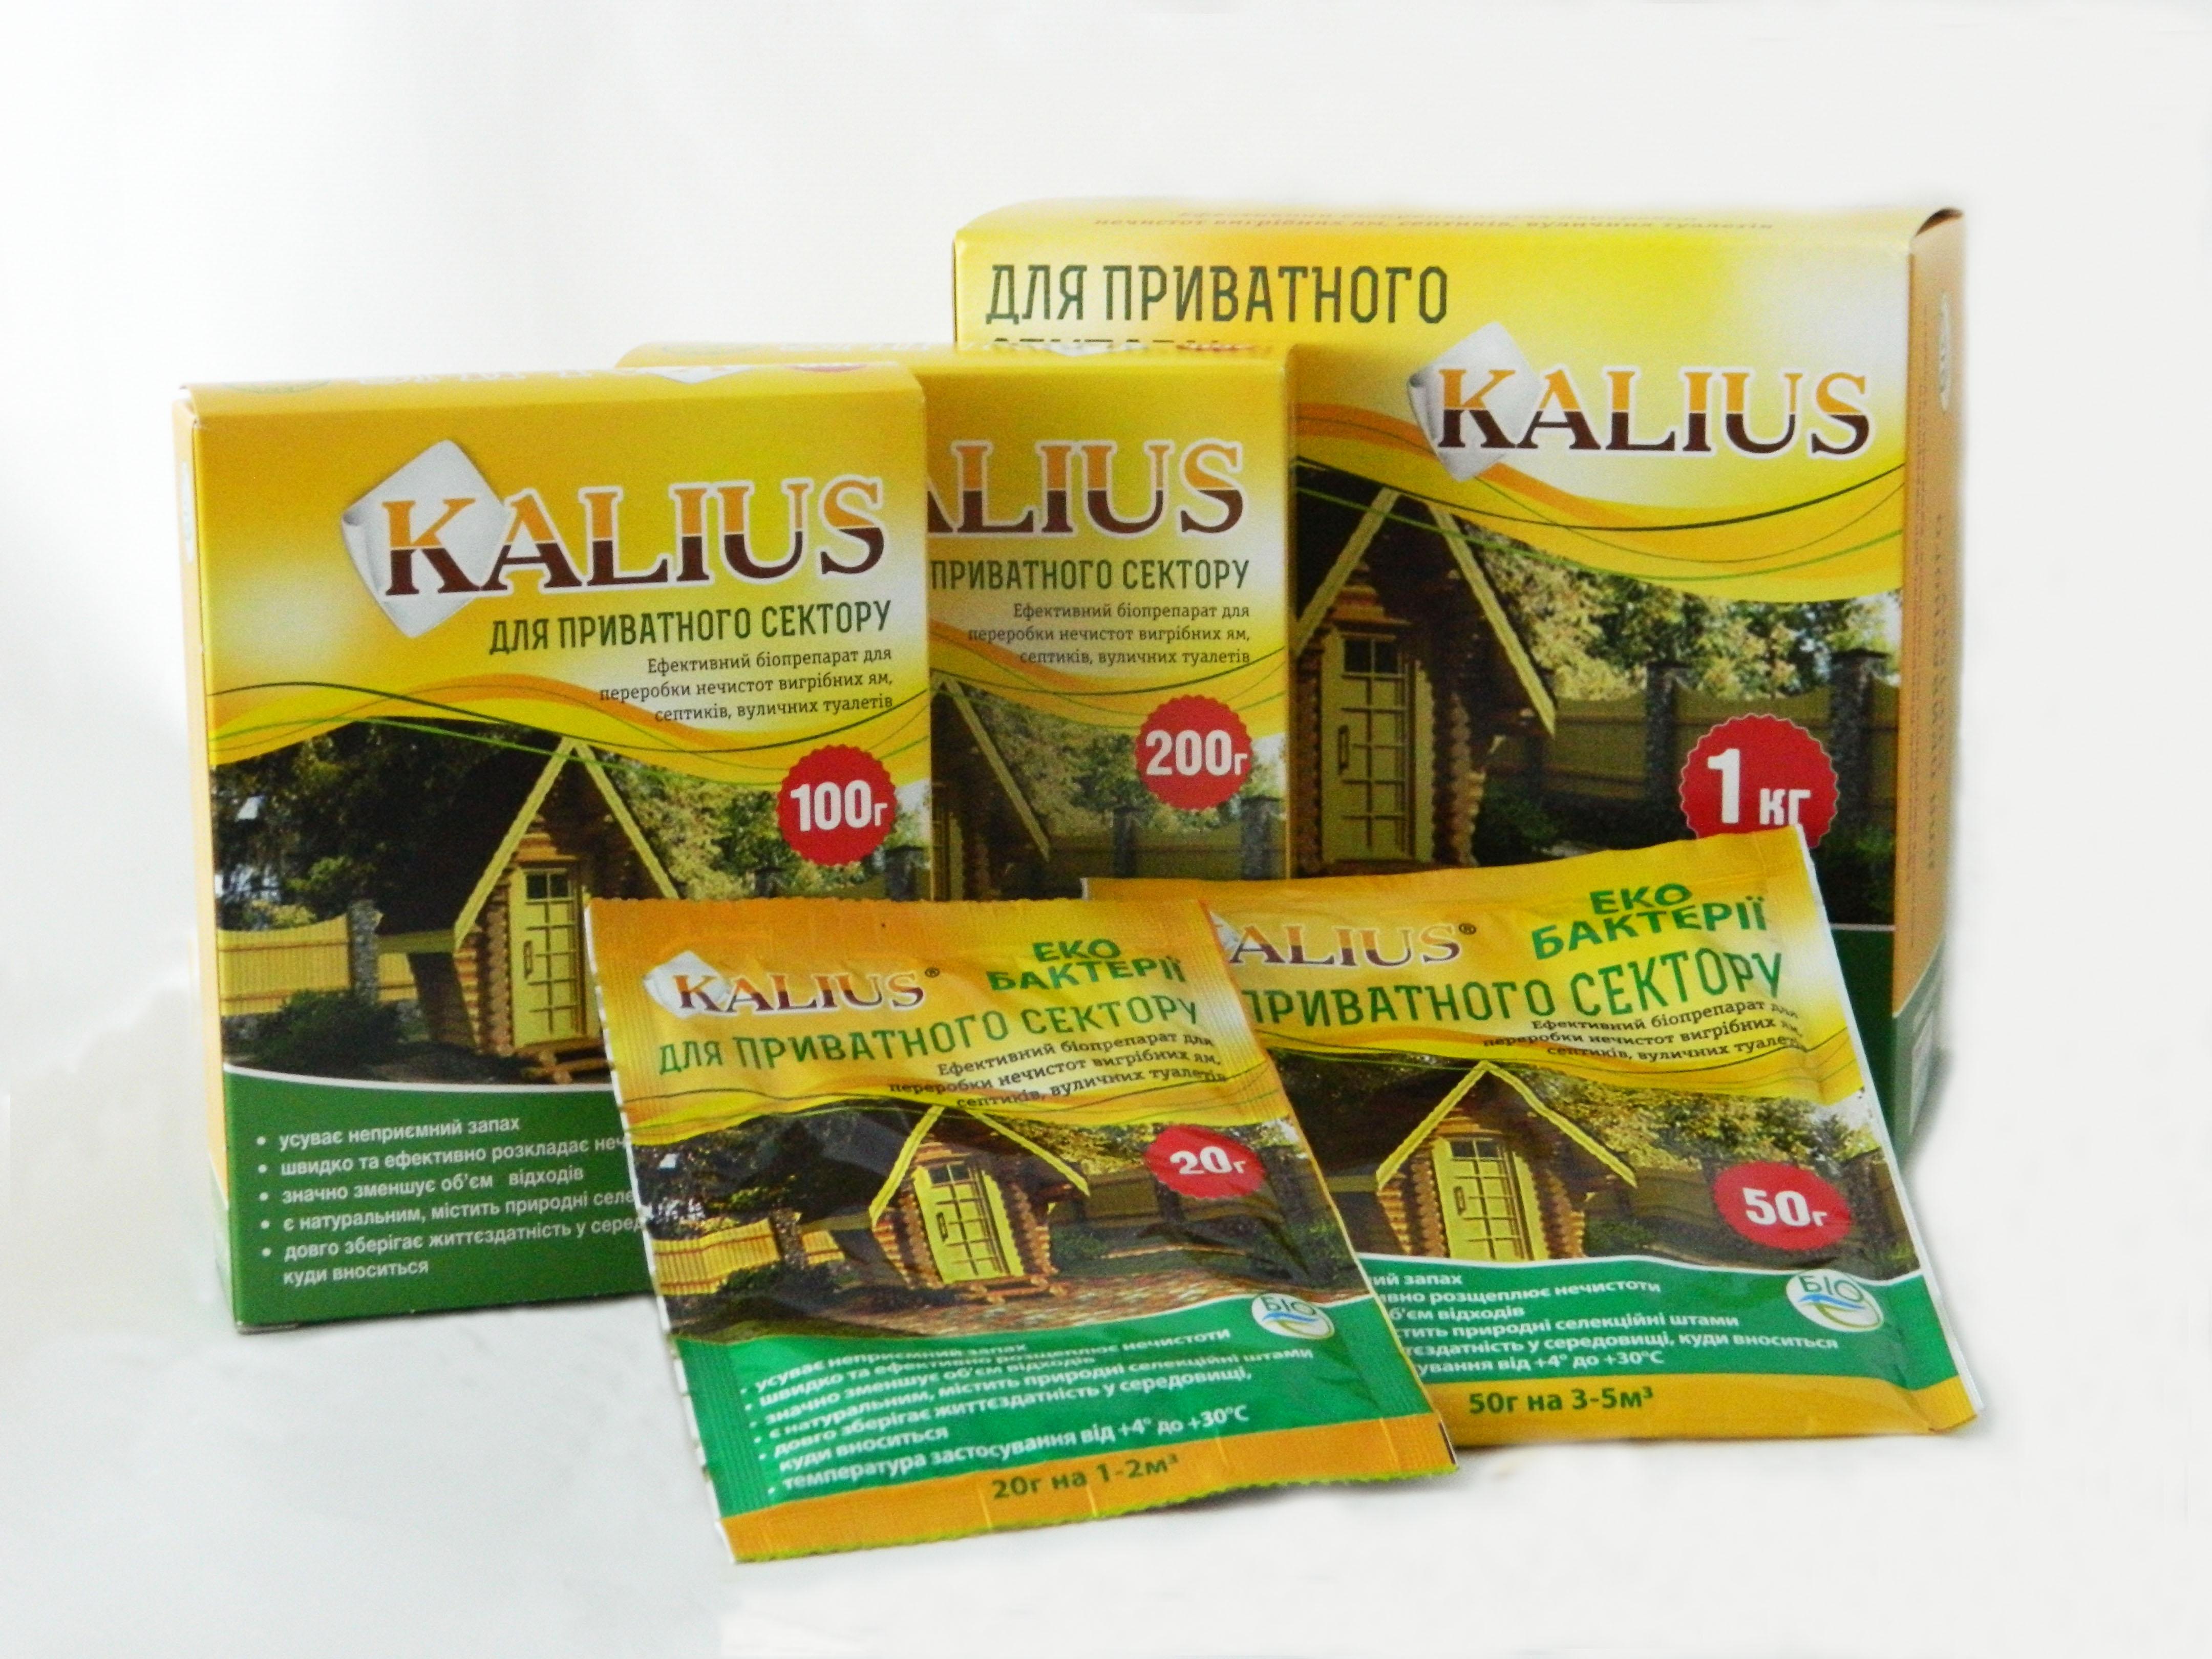 KALIUS for cesspools image